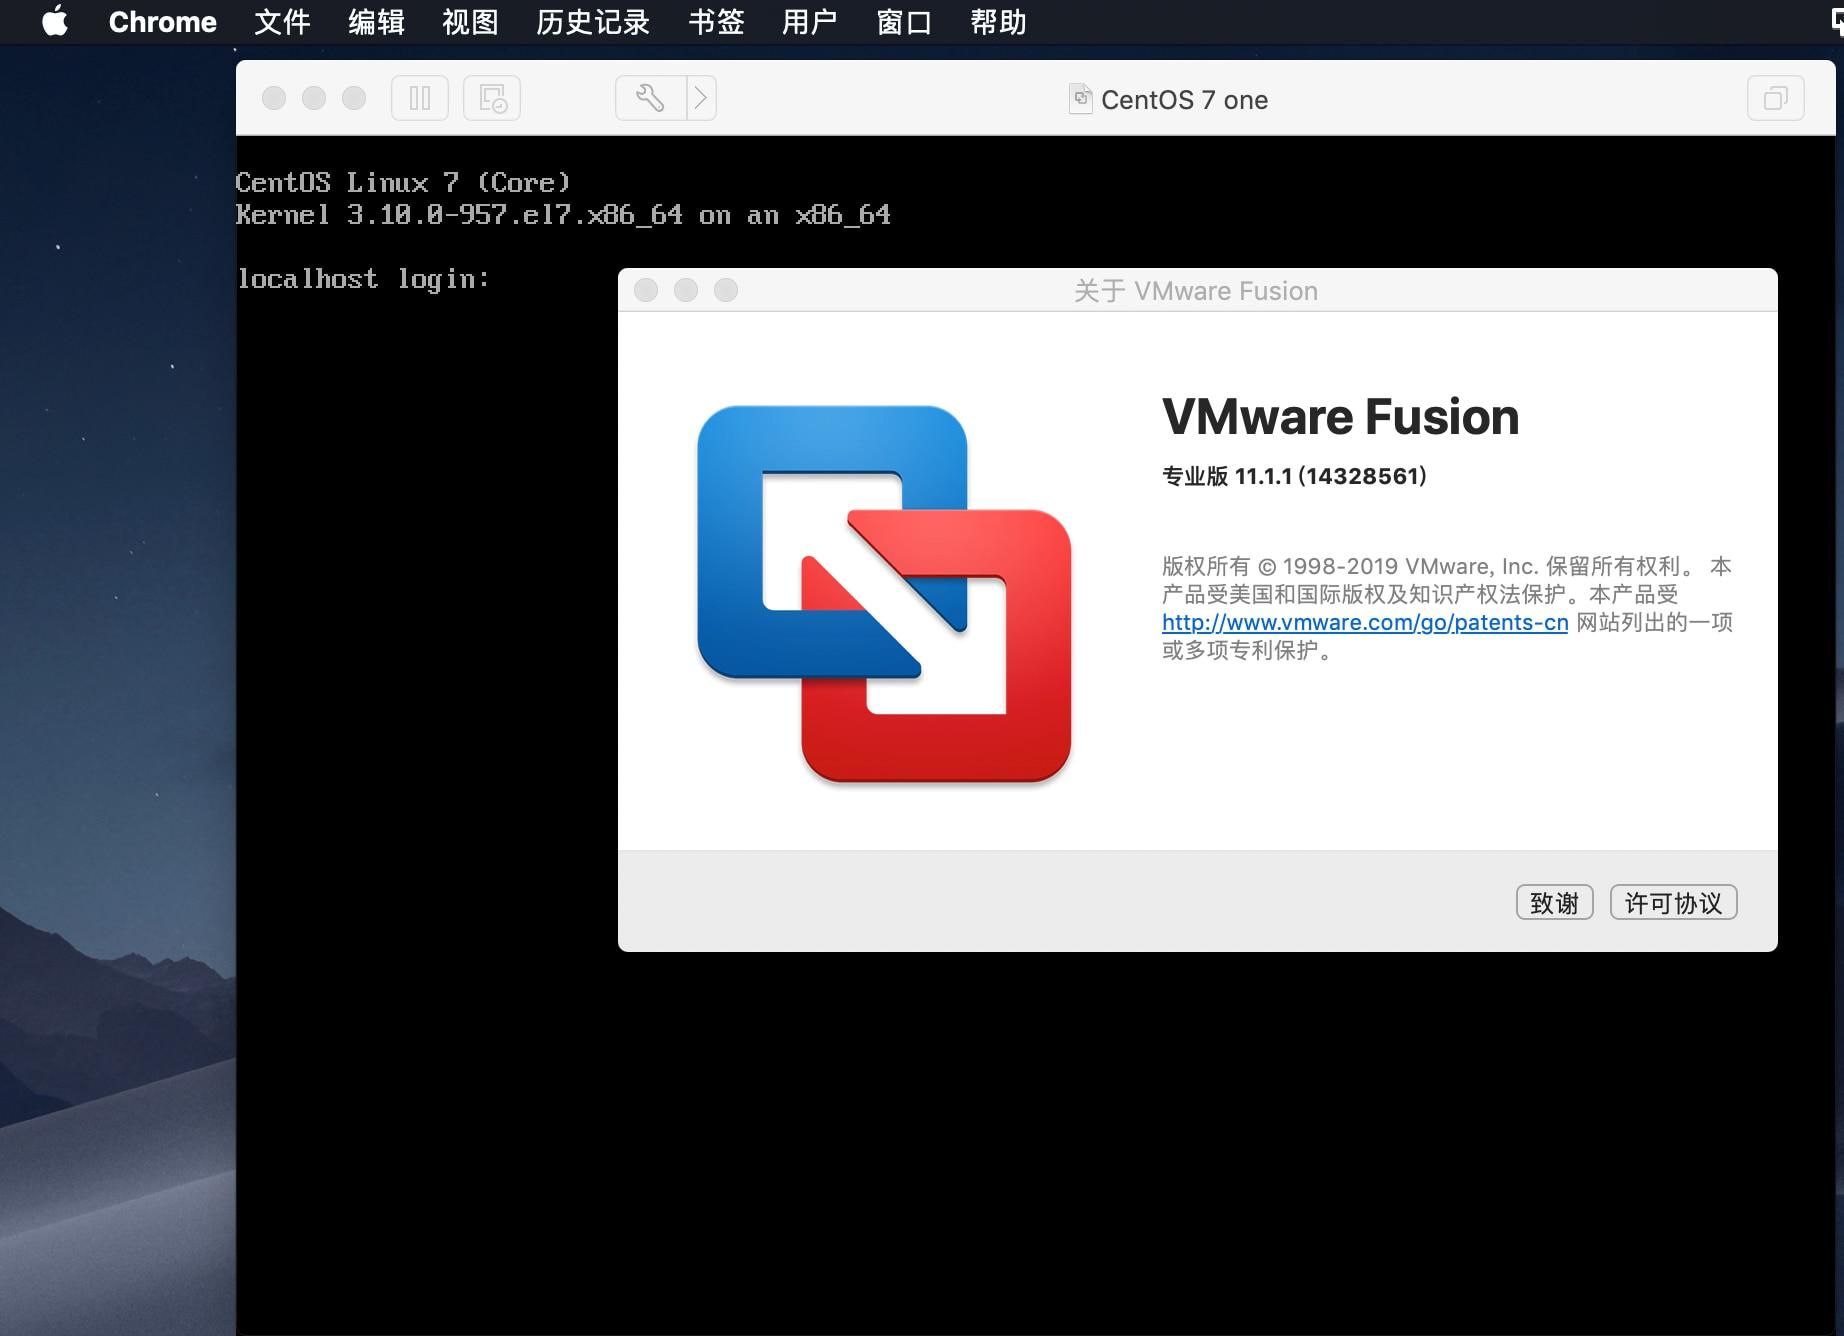 最新 macOS 下 VMware Fusion 11.5.6 虚拟机破解版分享的图片-高老四博客